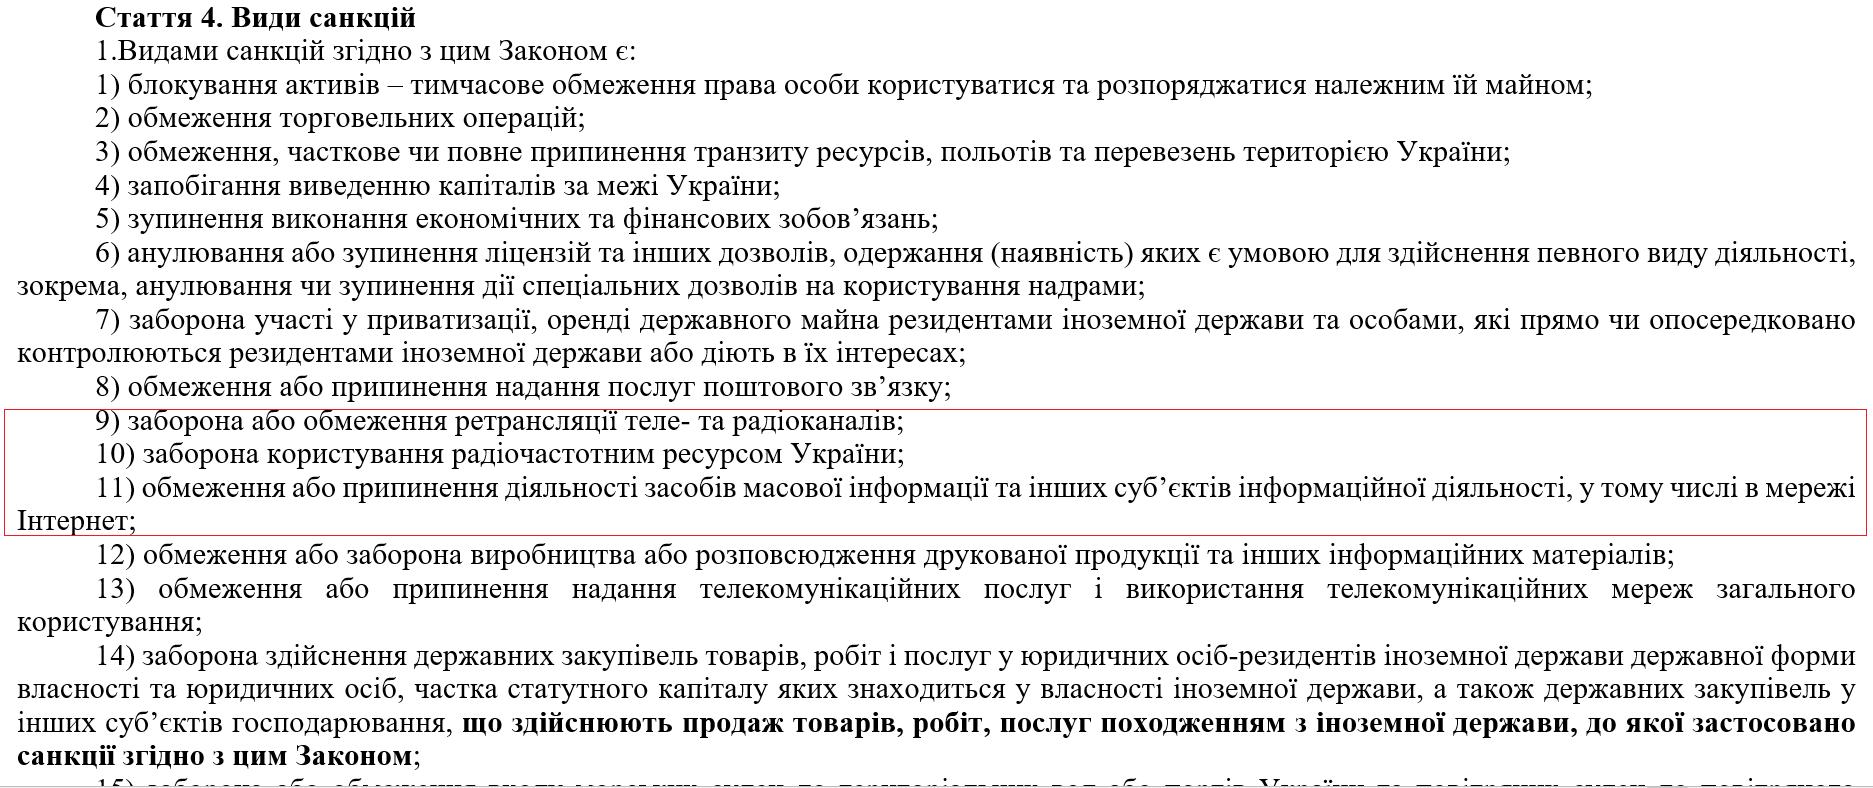 виды санкций в Украине